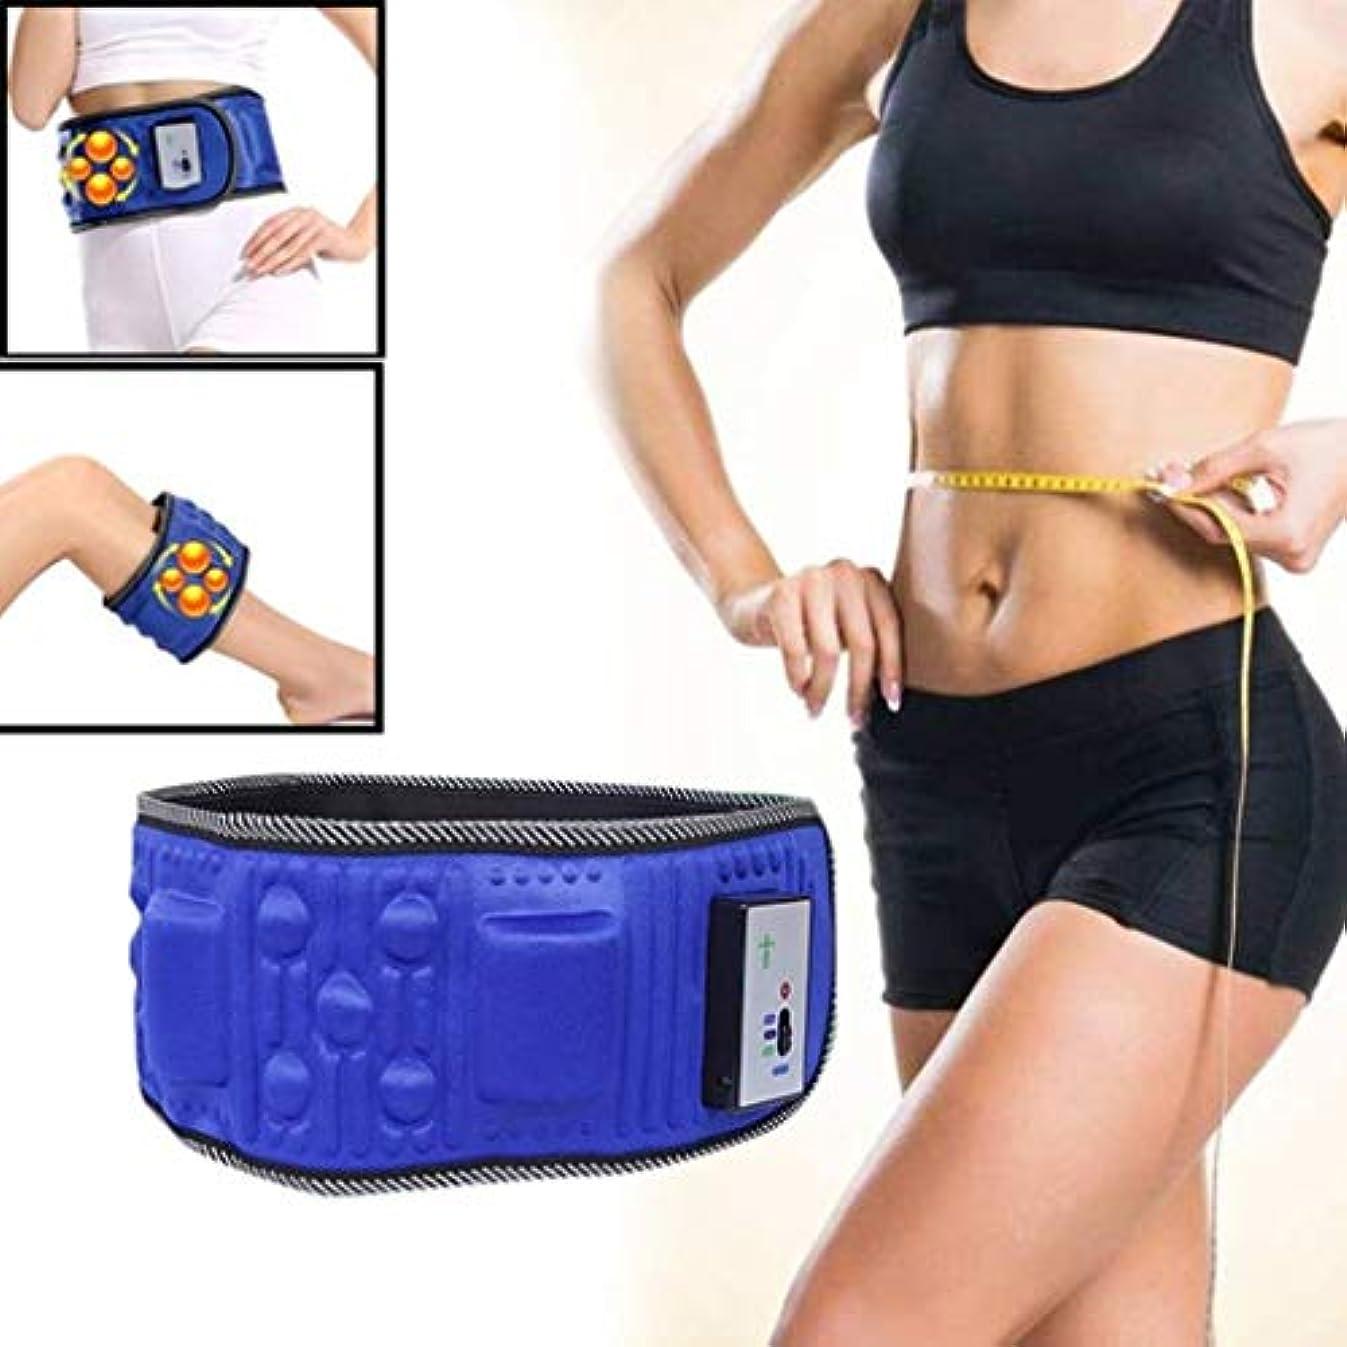 体系的に解明する回復する腰マッサージャー、電動振動痩身ベルトマッサージャー、痩身ベルト振動脂肪燃焼痩身ベルト、ウエストトレーナー